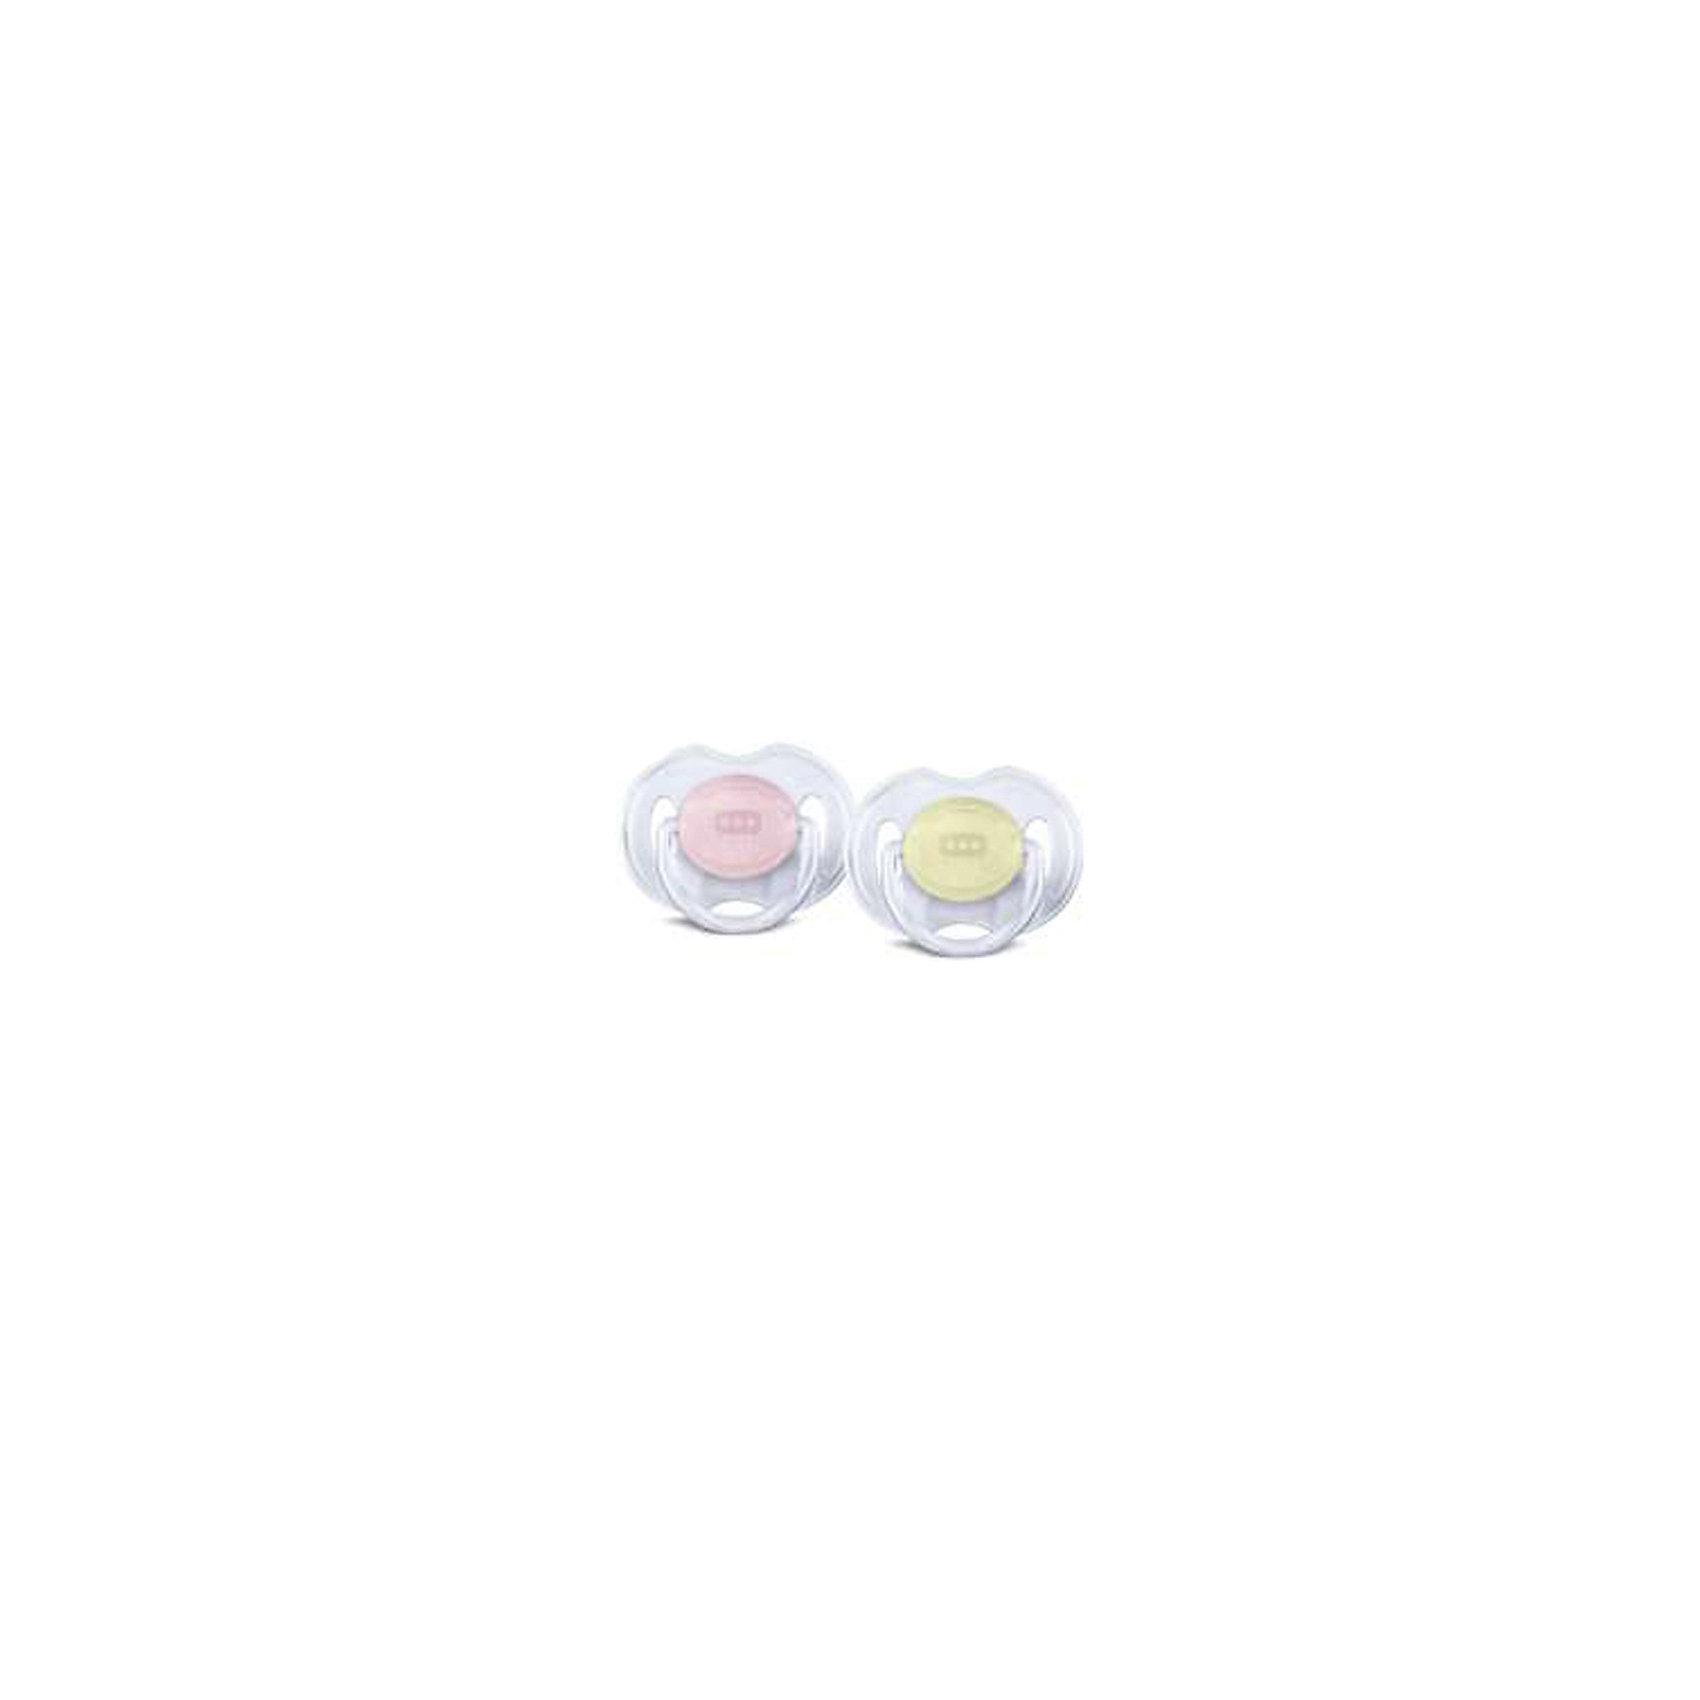 Силиконовая пустышка Классика, 0-6 мес., 2 шт., AVENT, розовый/желтыйСимметричные мягкие ортодонтические соски пустышек Philips AVENT (Филипс АВЕНТ) SCF170/18 учитывают строение и естественное развитие неба, зубов и десенмалыша. Все пустышки Philips AVENT изготовлены из силикона, не имеют вкуса и запаха.<br><br>- Ортодонтическая, симметричная съемная соска<br><br>Плоские симметричные соски пустышек Philips AVENT каплевидной формы учитывают строение и естественное развитие неба, зубов и десен малыша и гарантируют комфорт, даже если пустышка переворачивается во рту.<br><br>- Удобные силиконовые соски<br><br>Силиконовые соски пустышек Philips AVENT не обладают вкусом и запахом, что делает их наиболее приемлемыми для малыша. Силикон — это мягкий и прозрачный материал, который не липнет и легко моется. Такая соска прочна и прослужит долго, не потеряв со временем форму и цвет.<br><br>- Предохранительное кольцо-держатель позволяет с легкостью вынуть пустышку Philips AVENT в любой момент.<br><br>- Защелкивающийся защитный колпачок для сохранения чистоты стерилизованных сосок.<br><br>В комплект входят:<br>• Силиконовая соска: 2 шт.<br>• Защелкивающийся защитный колпачок: 2 шт.<br><br>Ортодонтическая форма для максимального комфорта!<br><br>Дополнительная информация:<br><br>- Возраст: 0—6 месяцев<br>- Можно стерилизовать<br>- Можно мыть в посудомоечной машине<br>- Не содержит бисфенол-А<br><br>Силиконовую пустышку Классика, 0-6 мес., 2 шт., AVENT можно купить в нашем интернет-магазине.<br><br>Ширина мм: 50<br>Глубина мм: 100<br>Высота мм: 100<br>Вес г: 63<br>Возраст от месяцев: 0<br>Возраст до месяцев: 6<br>Пол: Унисекс<br>Возраст: Детский<br>SKU: 4510867